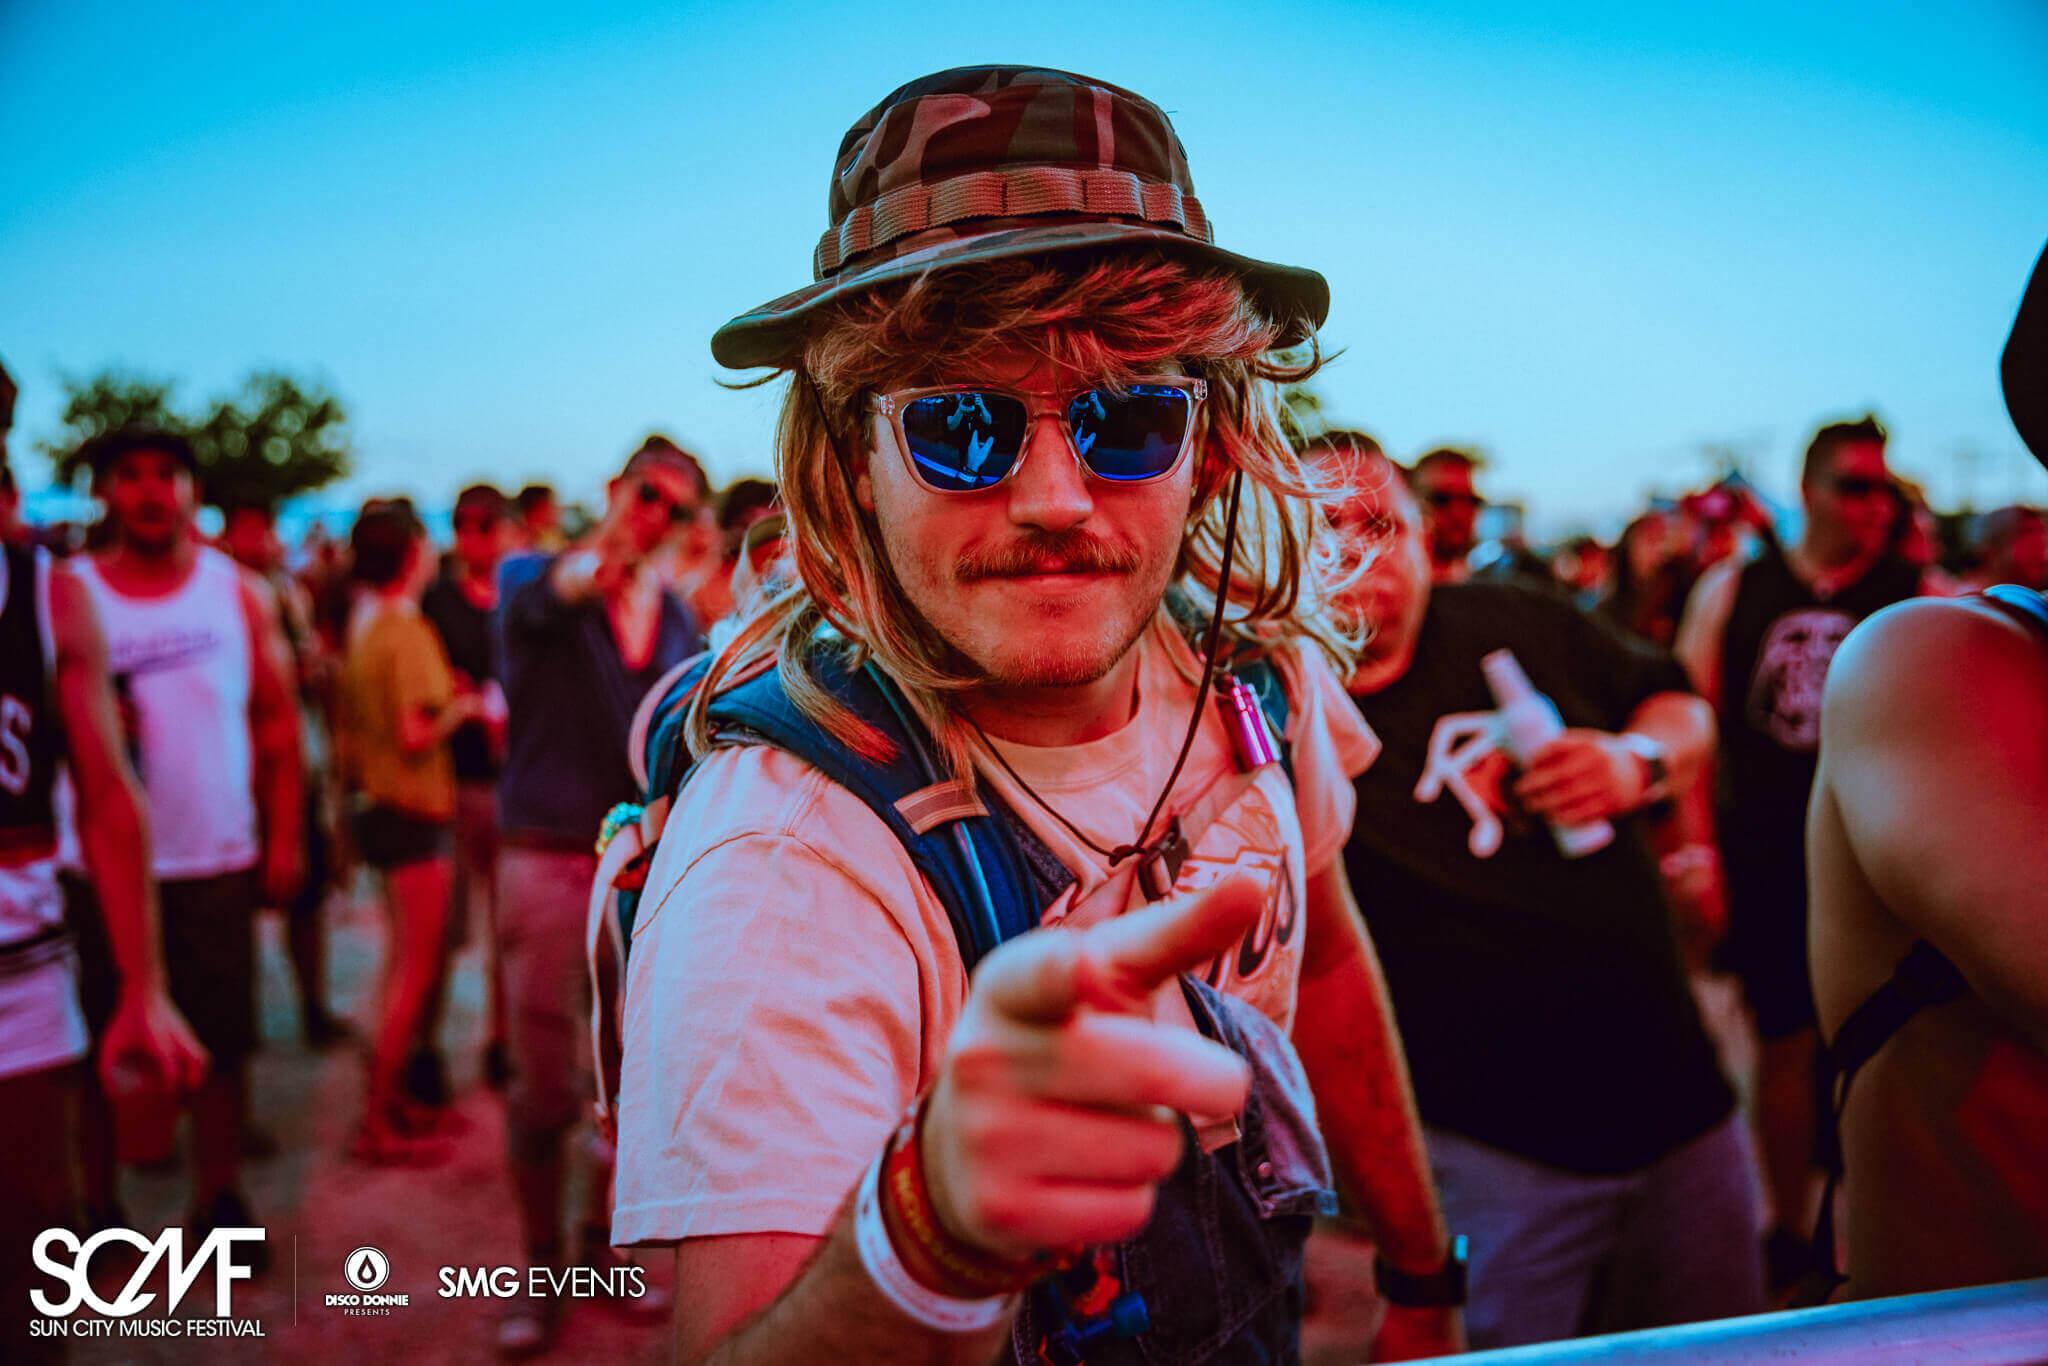 festival fan at scmf